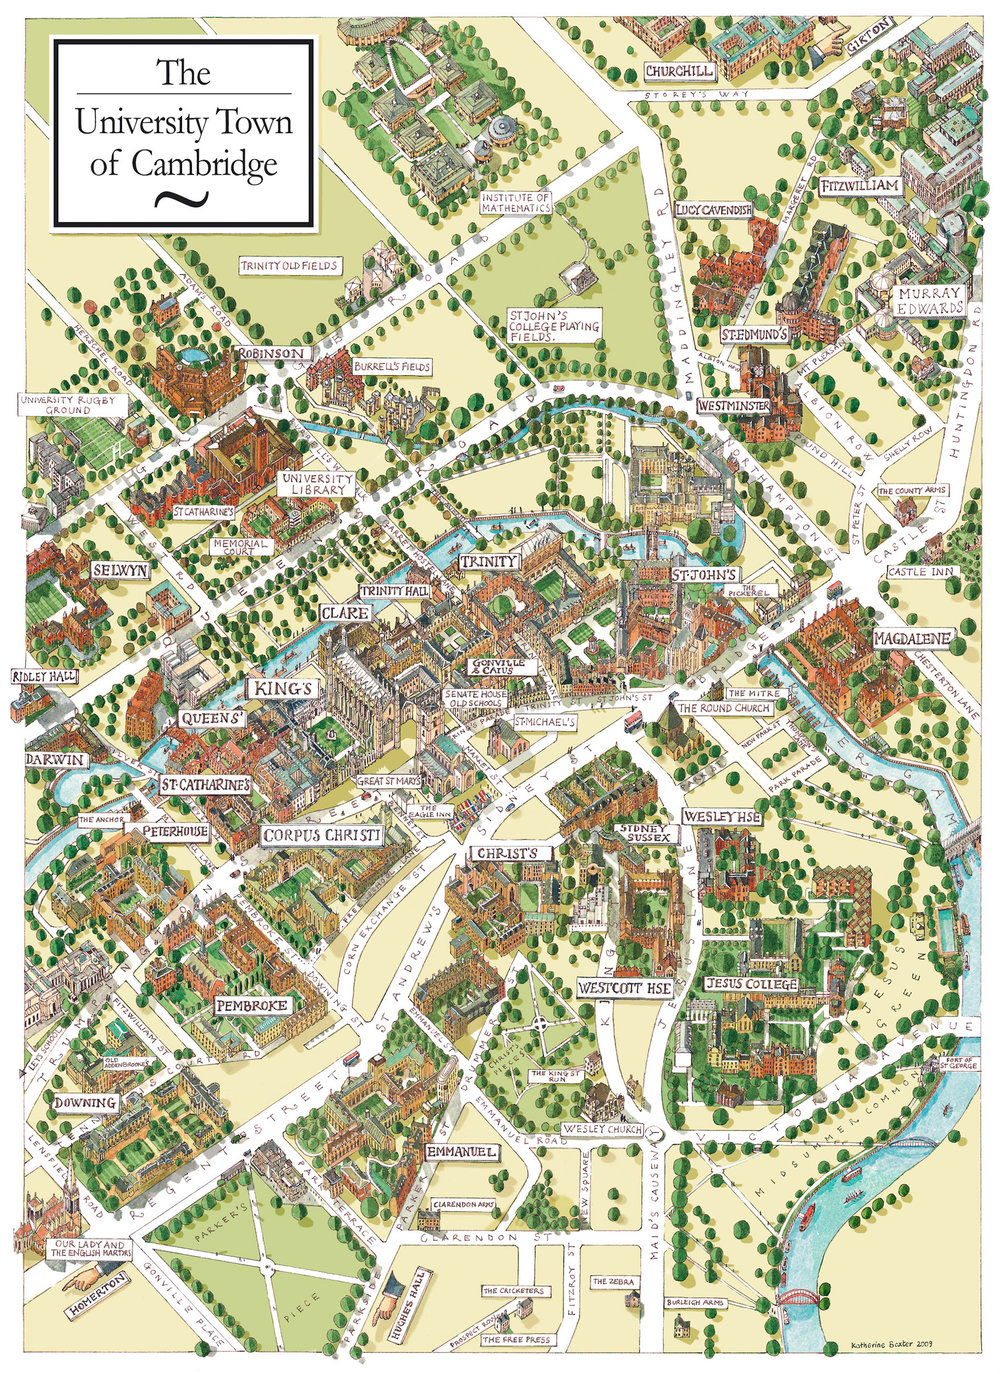 Katherine Baxter | Illustrated Maps-Cambridge University on